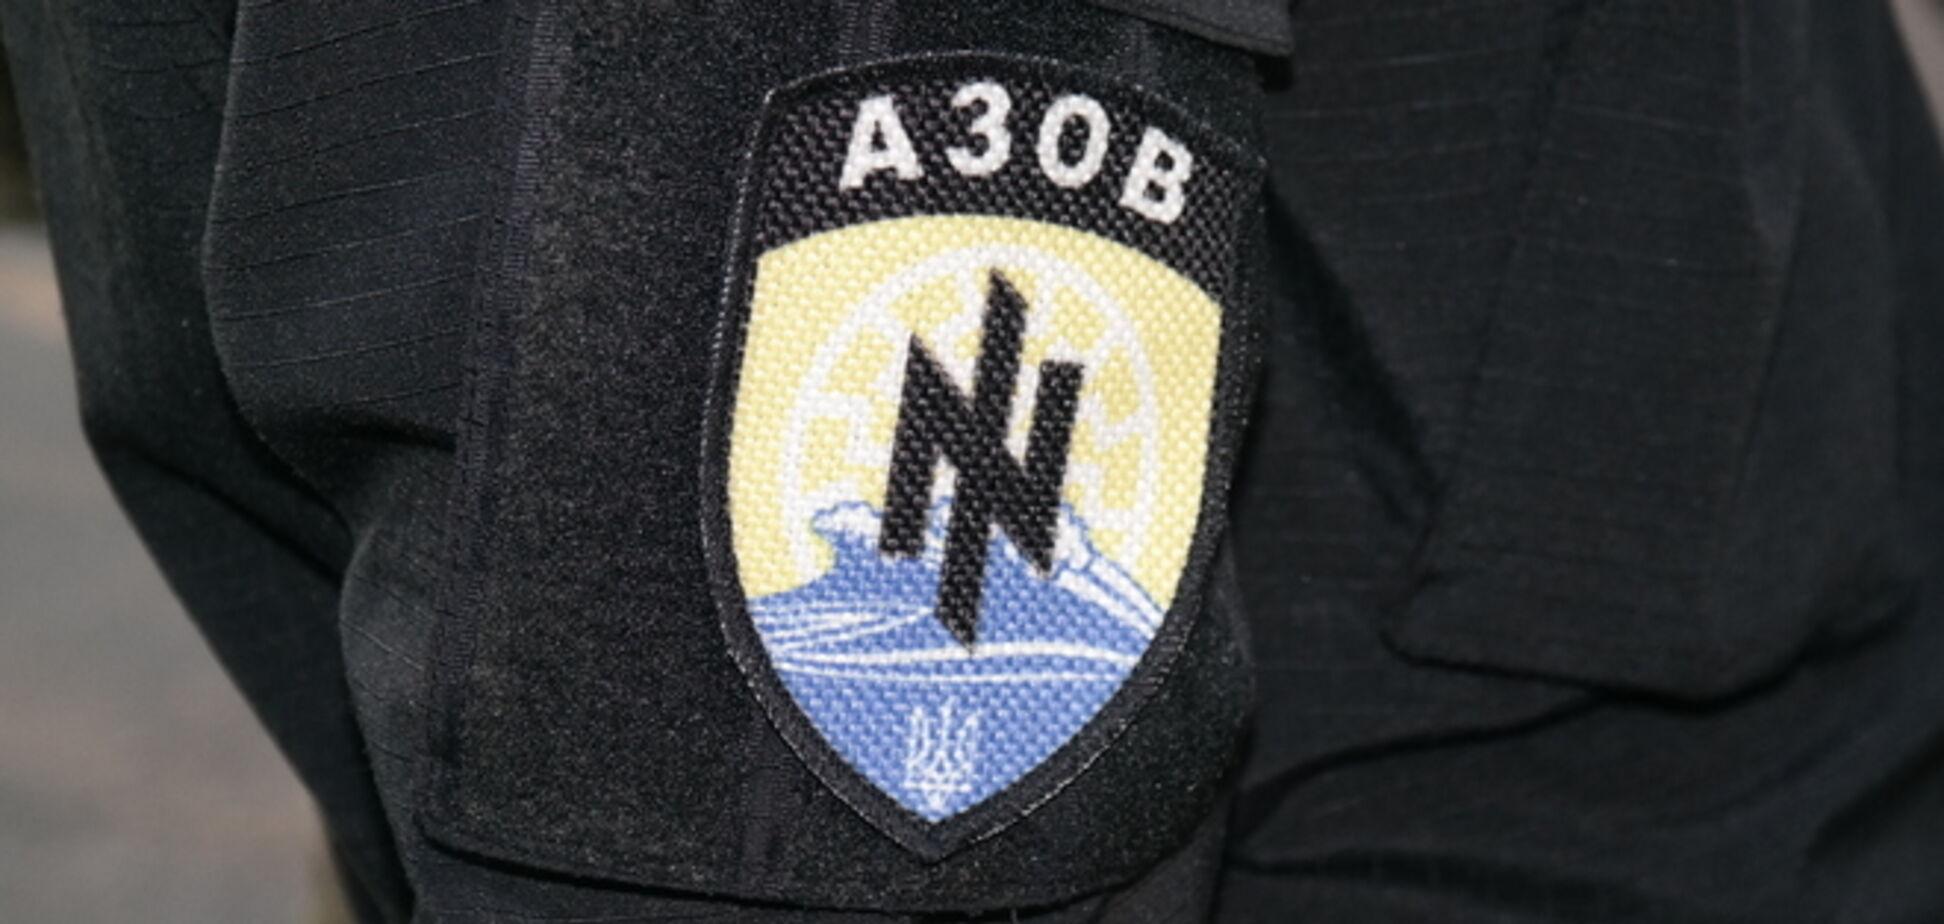 'Азов': ситуация в Мариуполе под контролем сил АТО, 'боевики в северо-восточных окрестностях города' - фейк